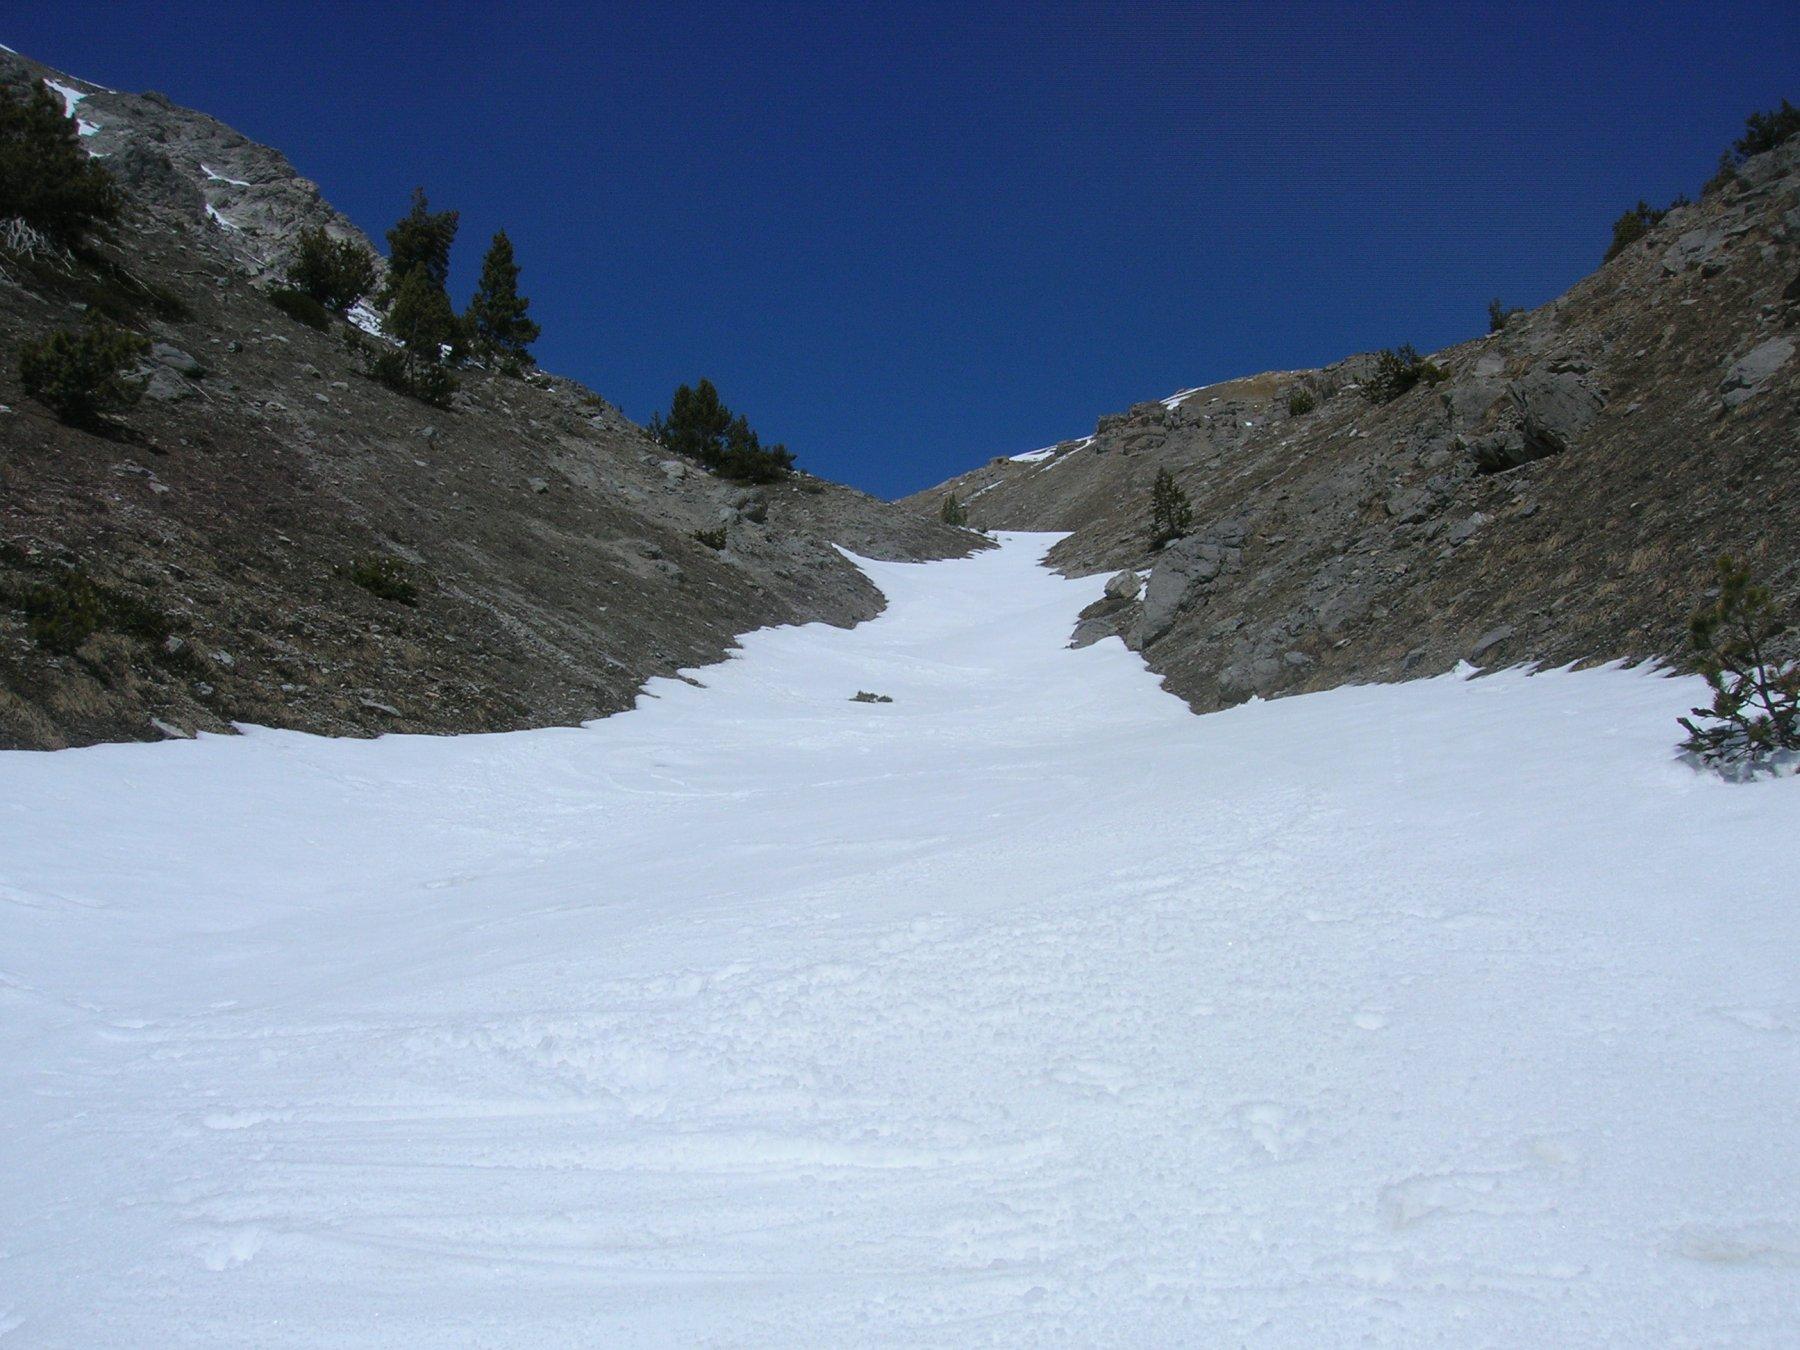 Il canale est dal termine della neve